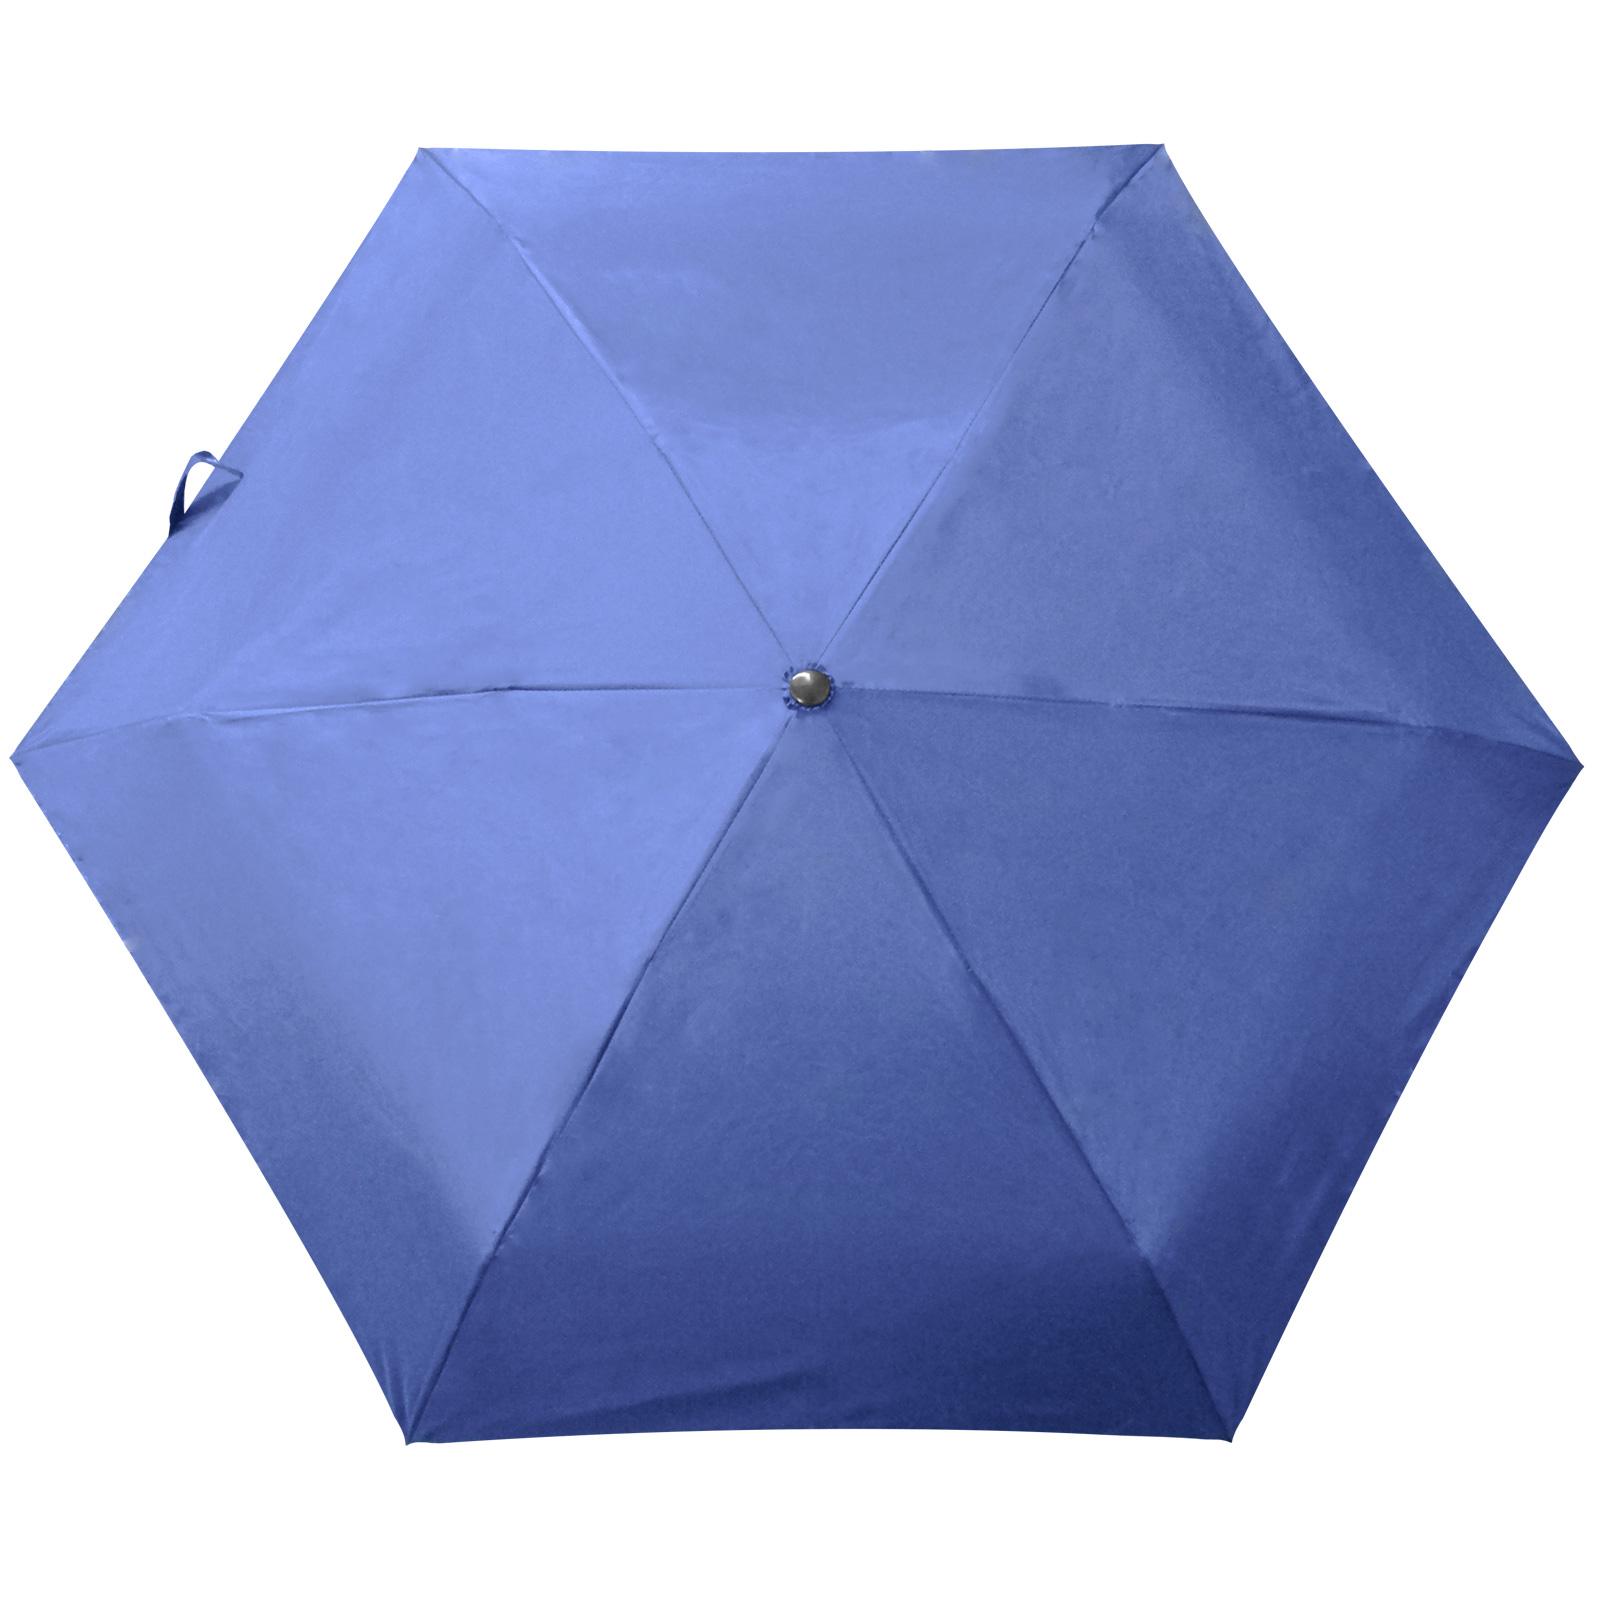 wedo regenschirm rainlight blau mit led licht. Black Bedroom Furniture Sets. Home Design Ideas